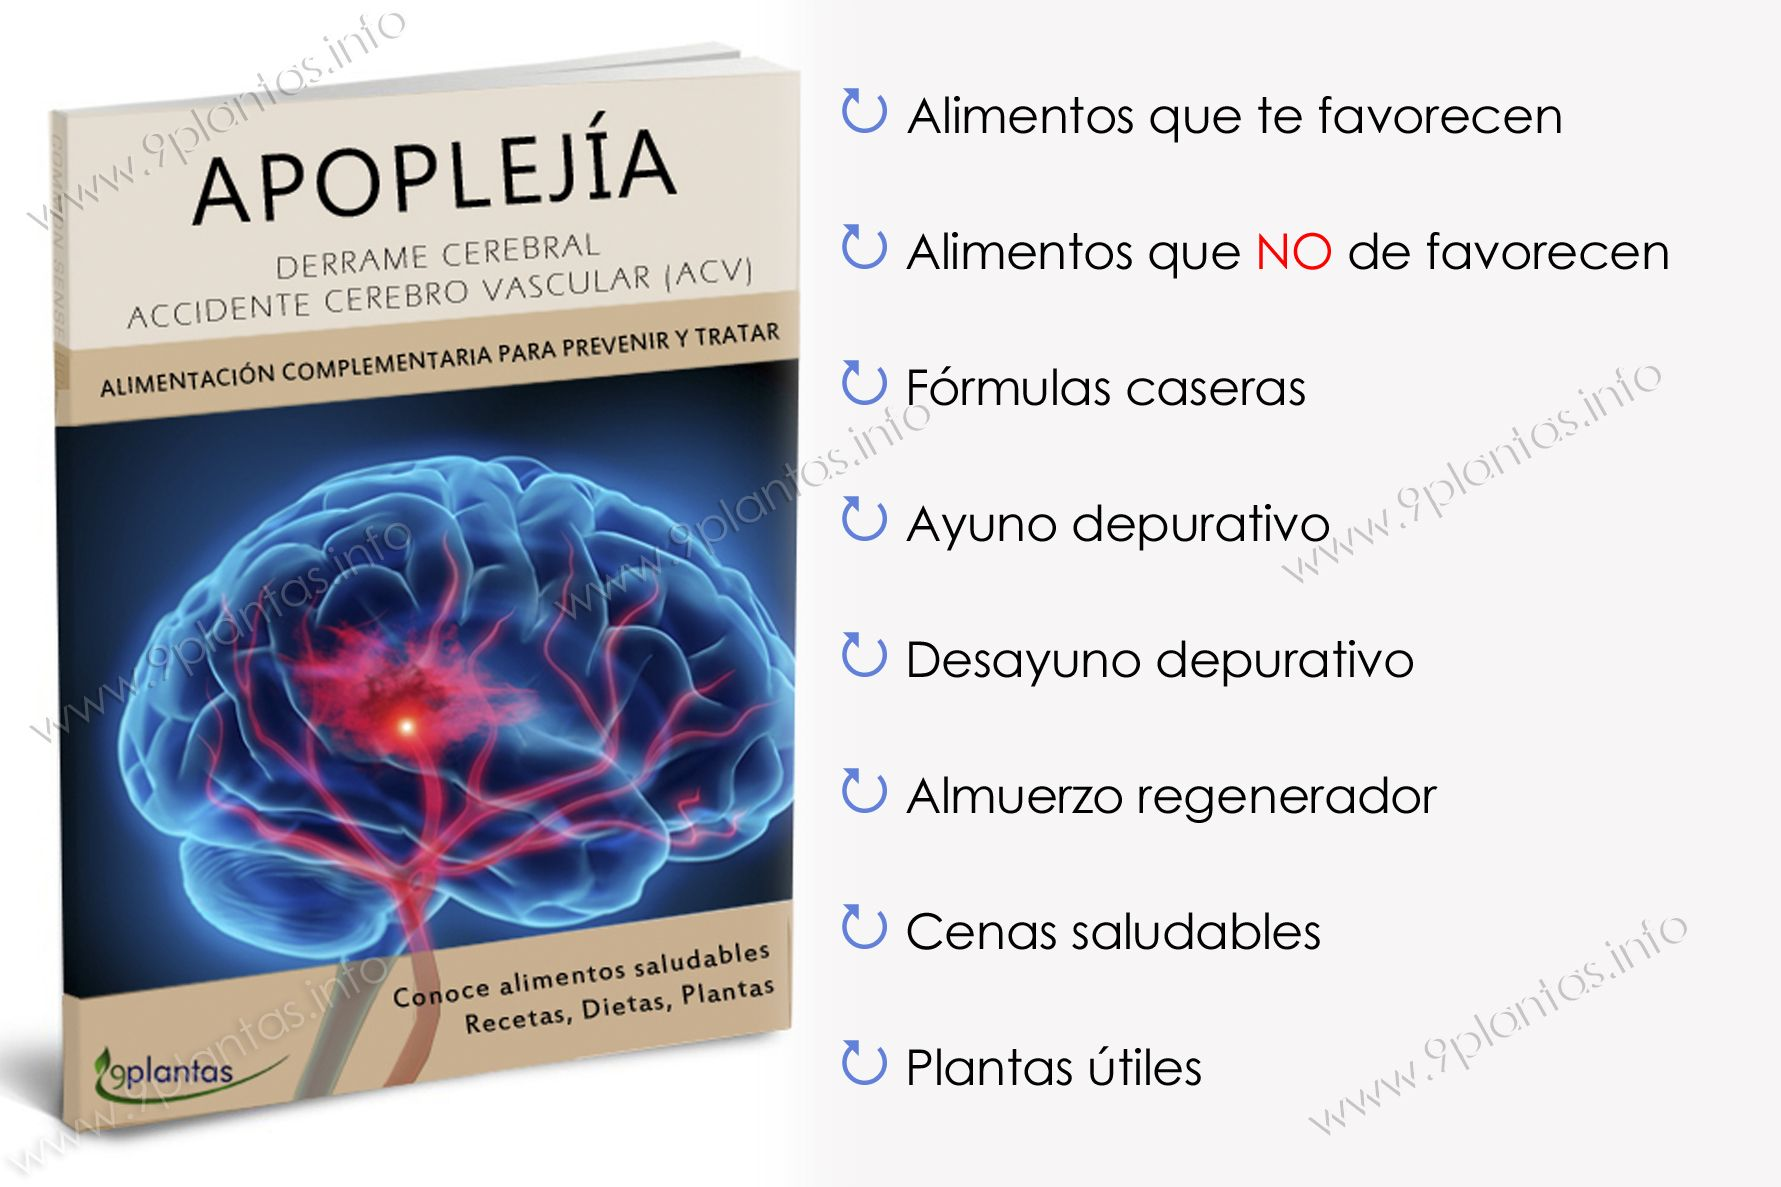 E-book | Apoplejía, derrame cerebral (ACV)